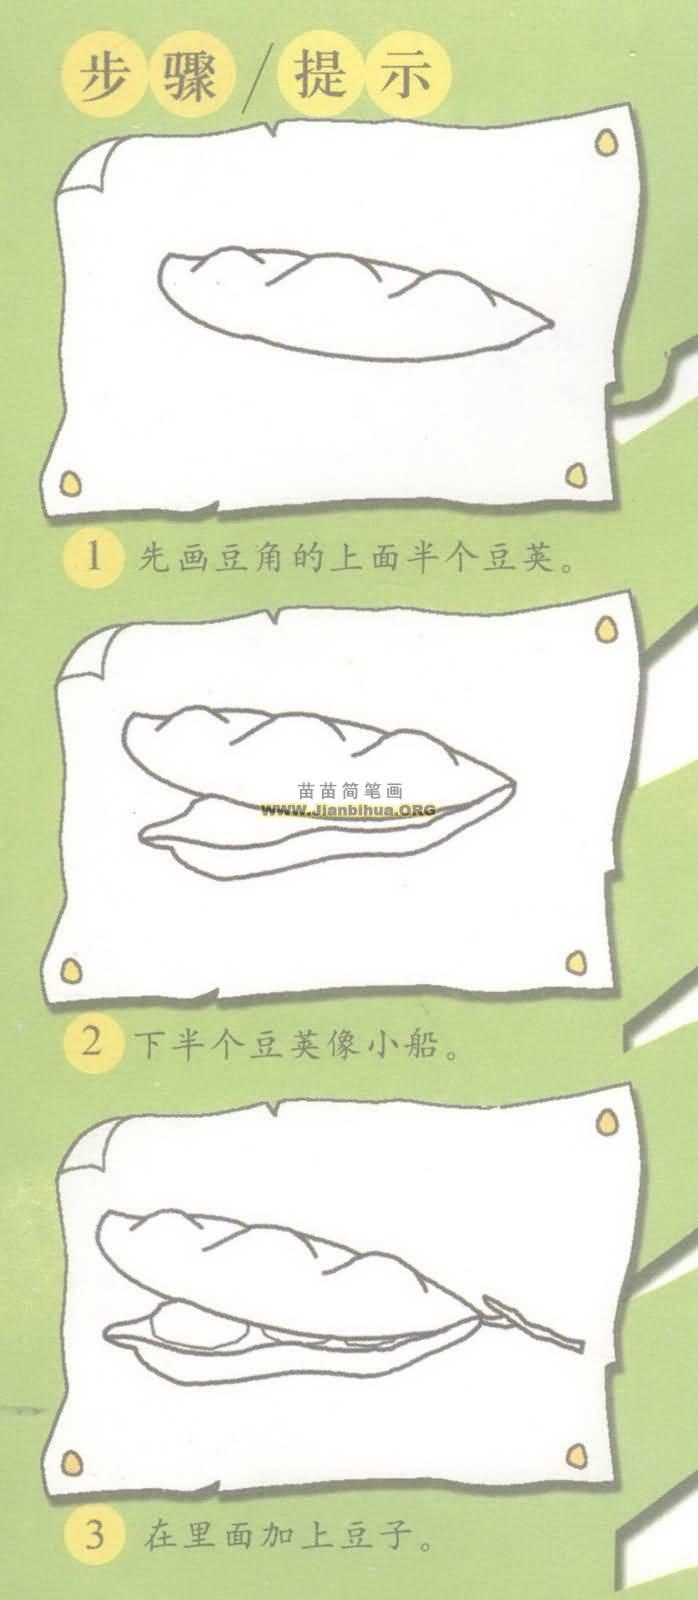 豆角简笔画图片分步骤教程